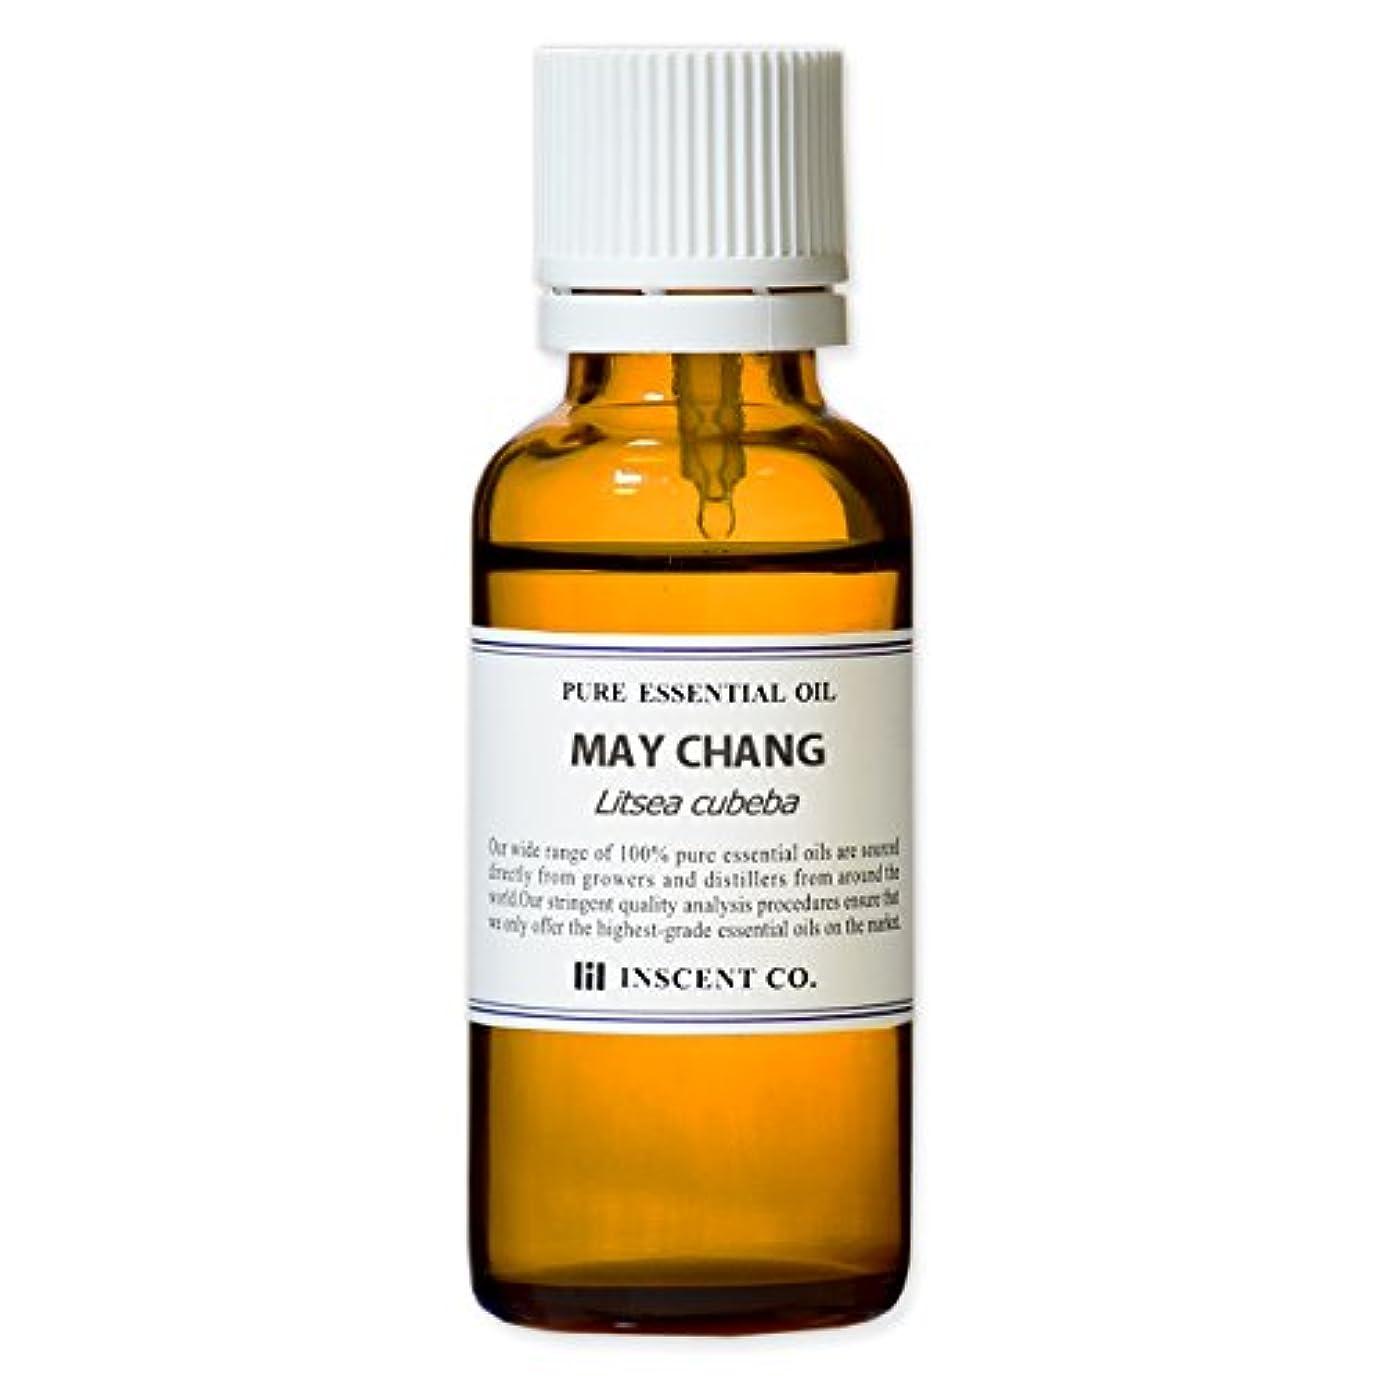 癒す病んでいる内なるメイチャン(リツエアクベバ) 30ml インセント アロマオイル AEAJ 表示基準適合認定精油